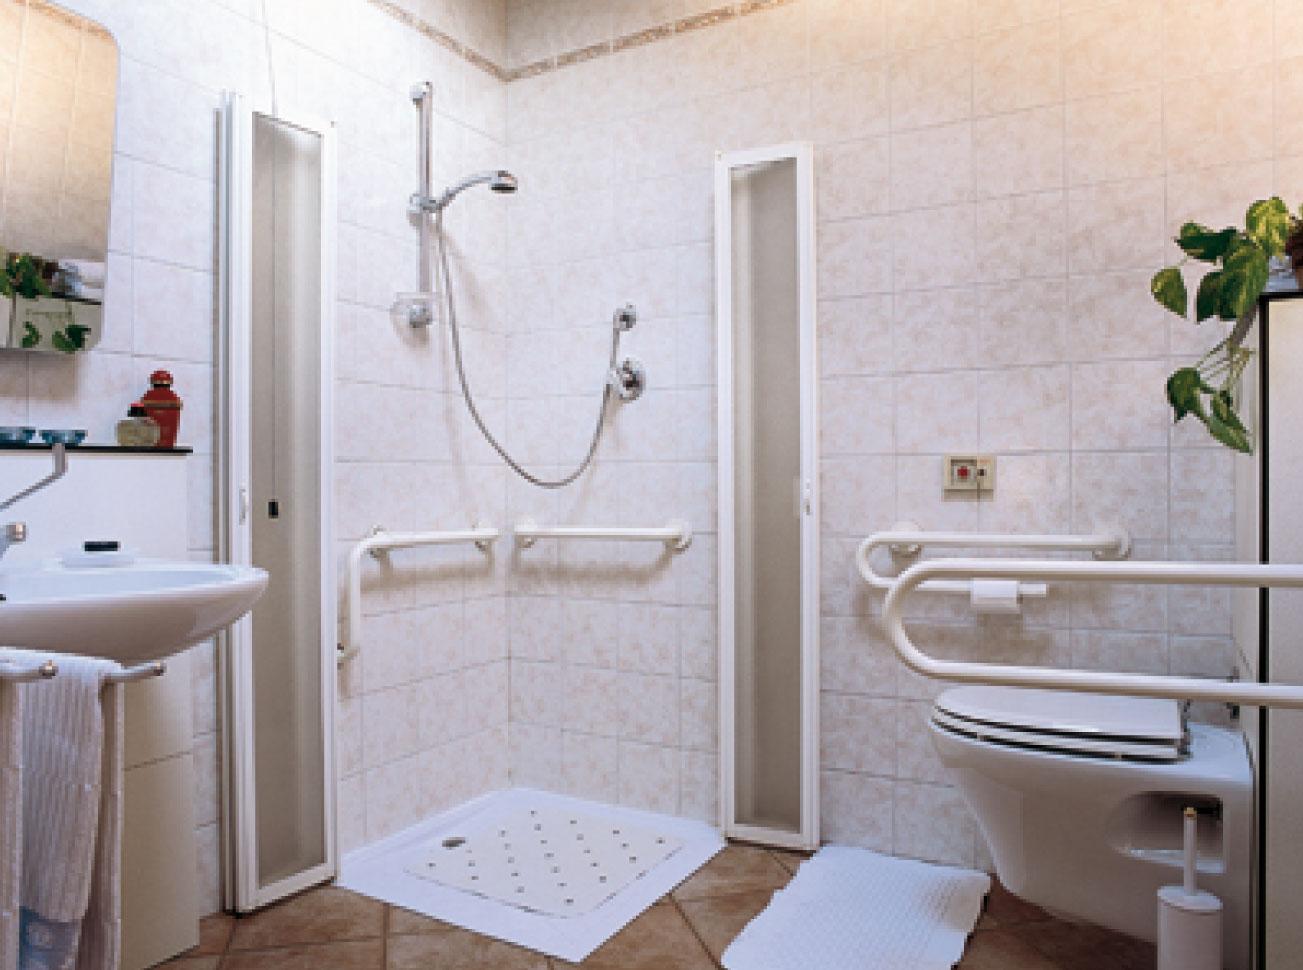 Realizzazione bagni per disabili quali agevolazioni - Bagni chimici per abitazioni ...